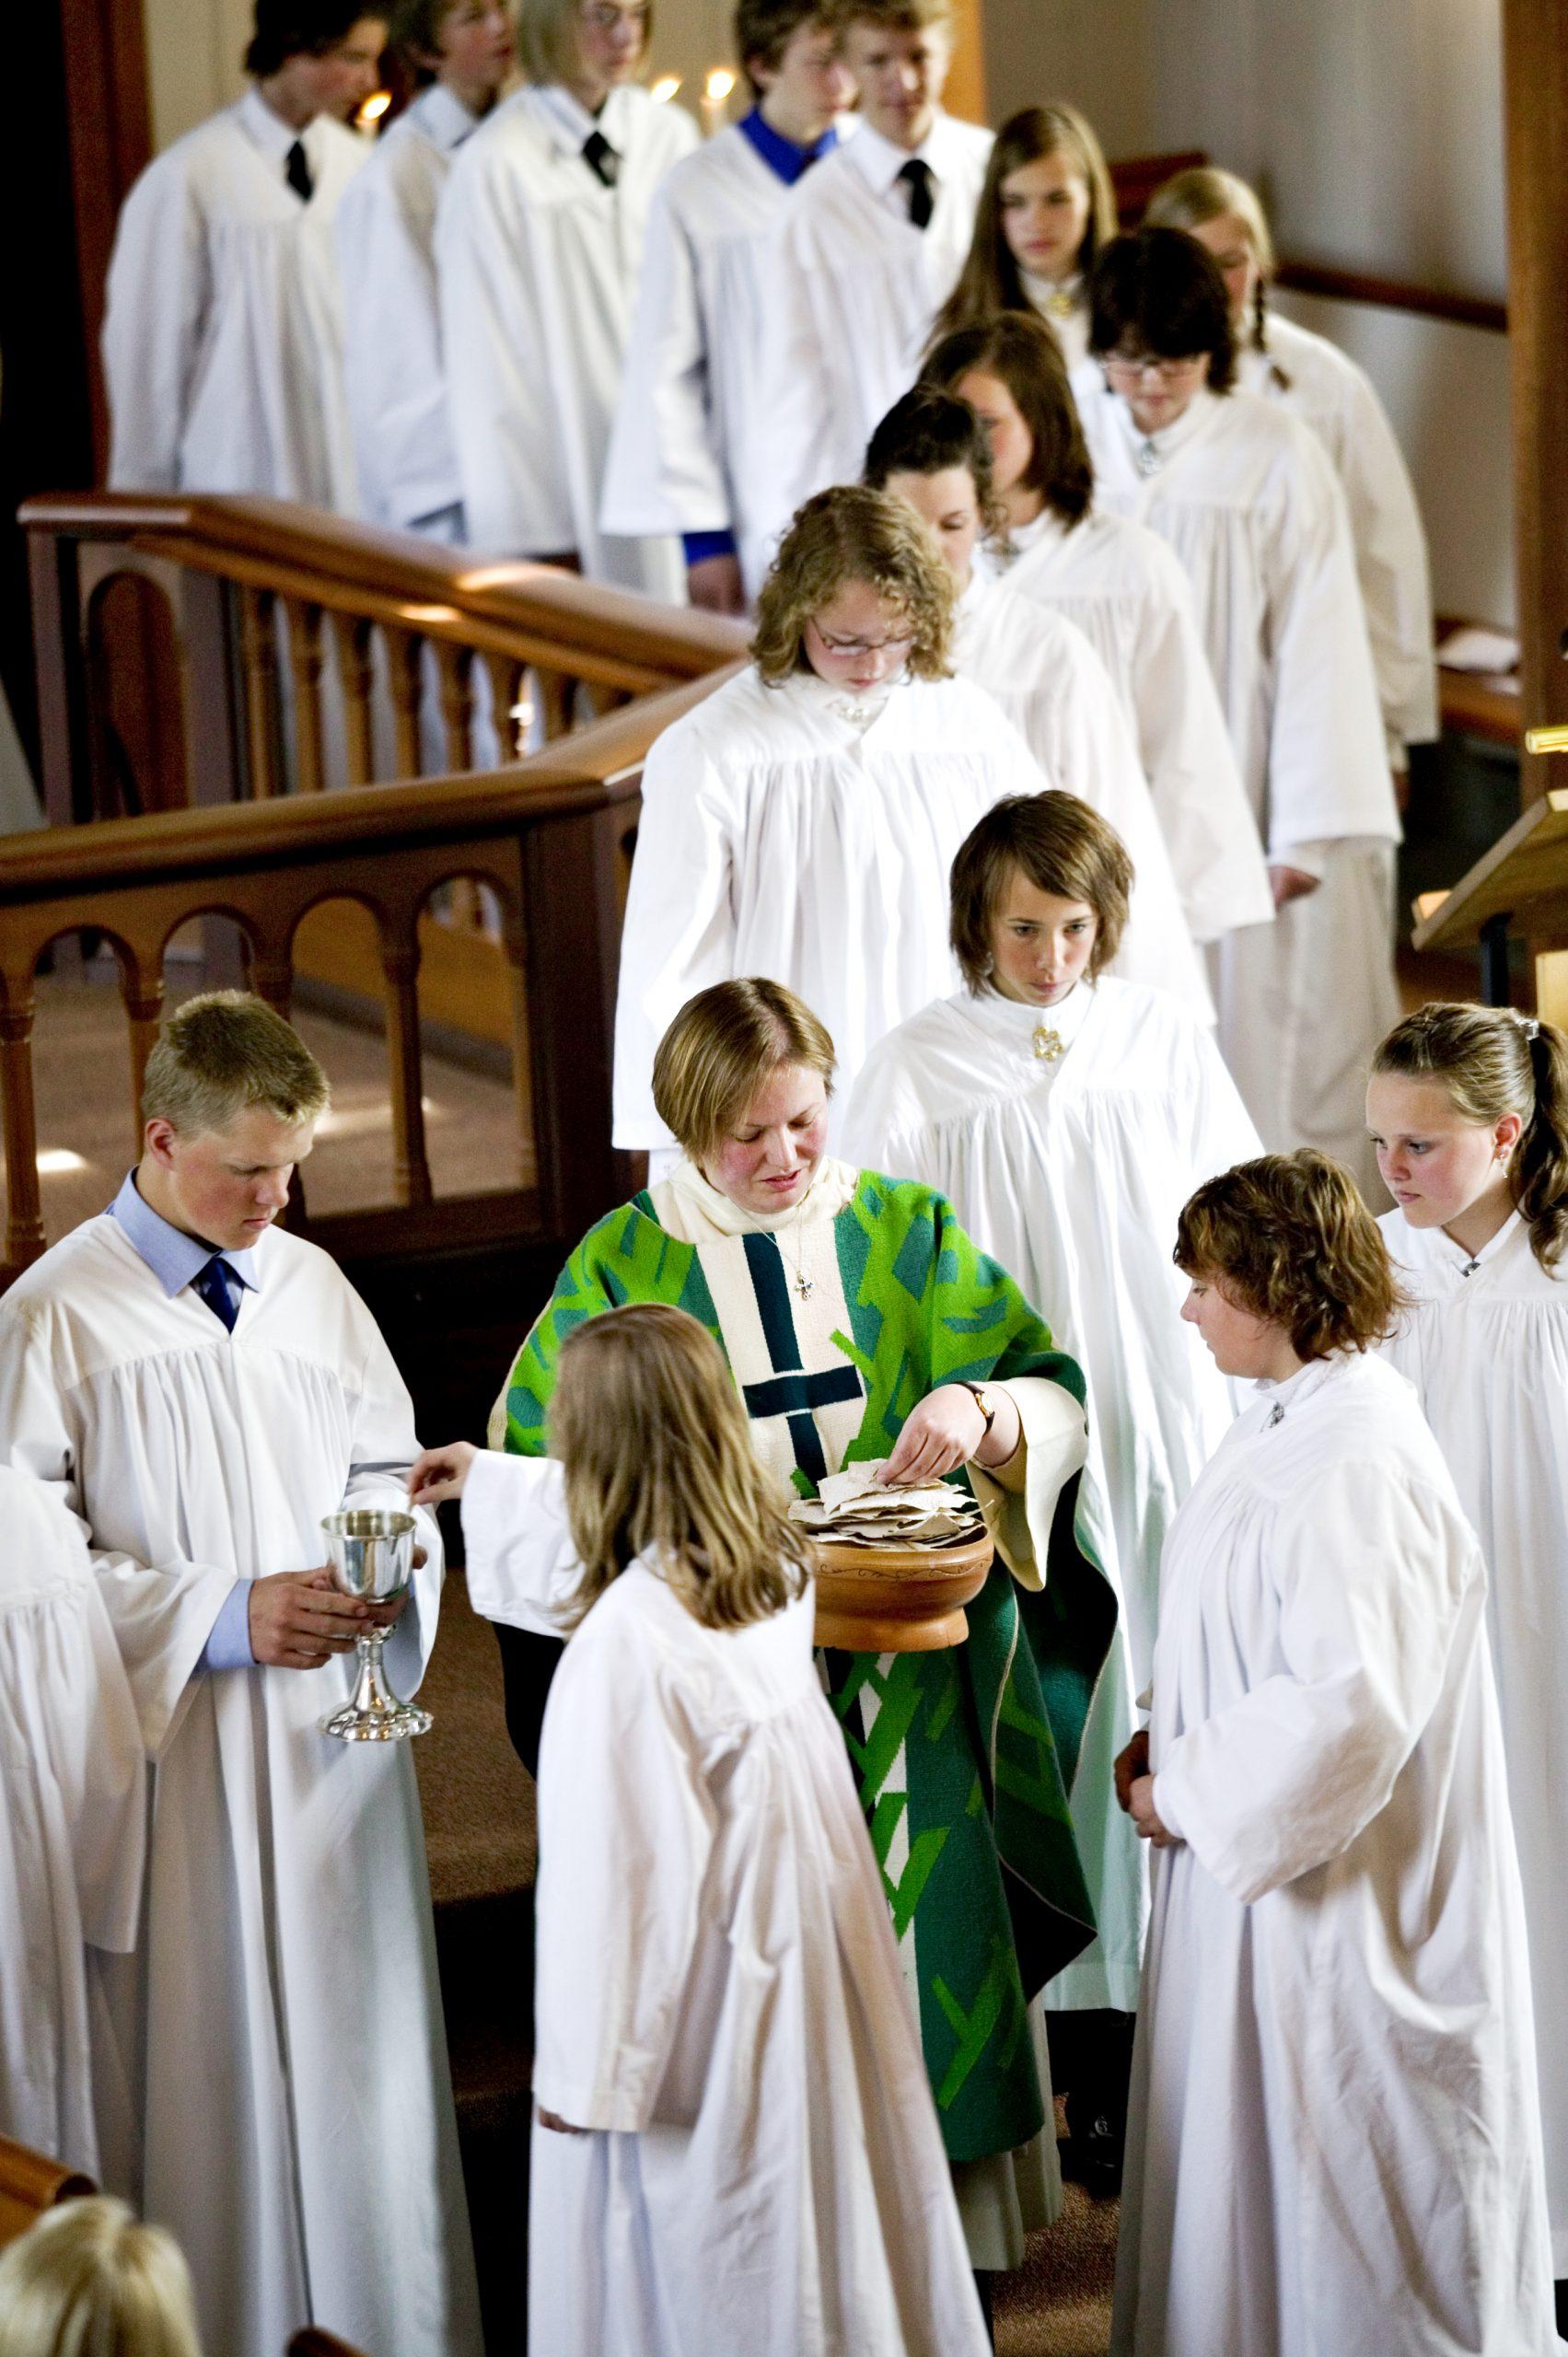 Bilde fra konfirmasjon i Trysil kirke. Foto: NTB